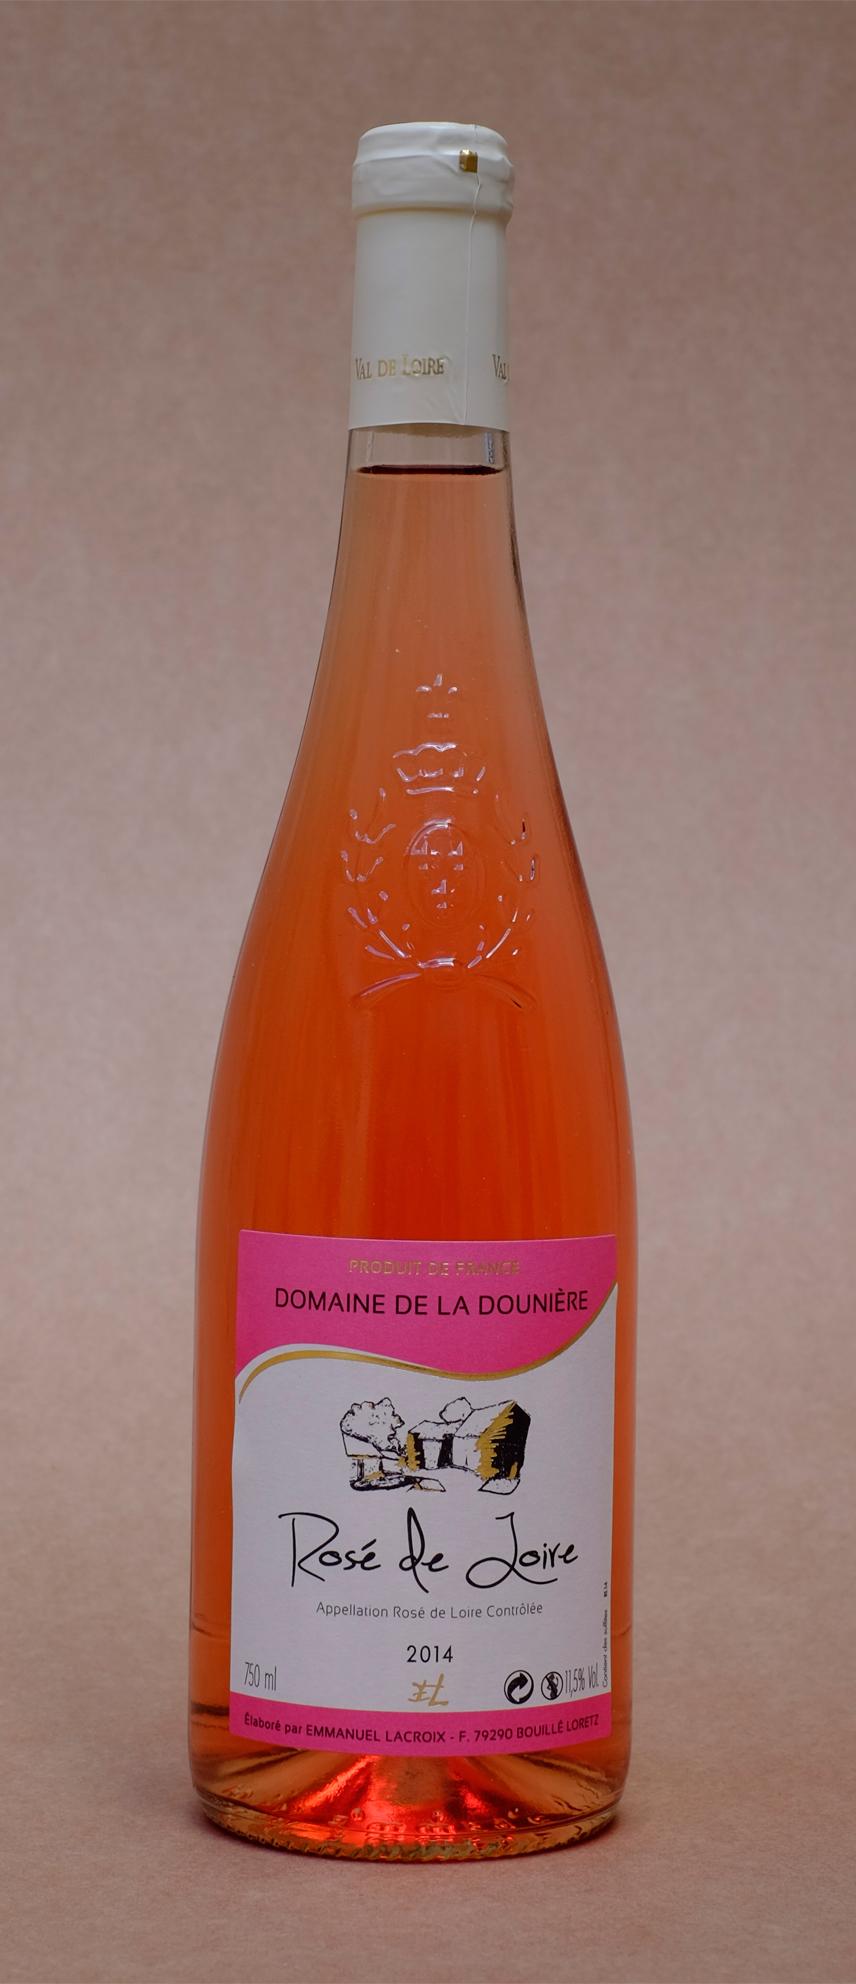 Dry Rosé de Loire